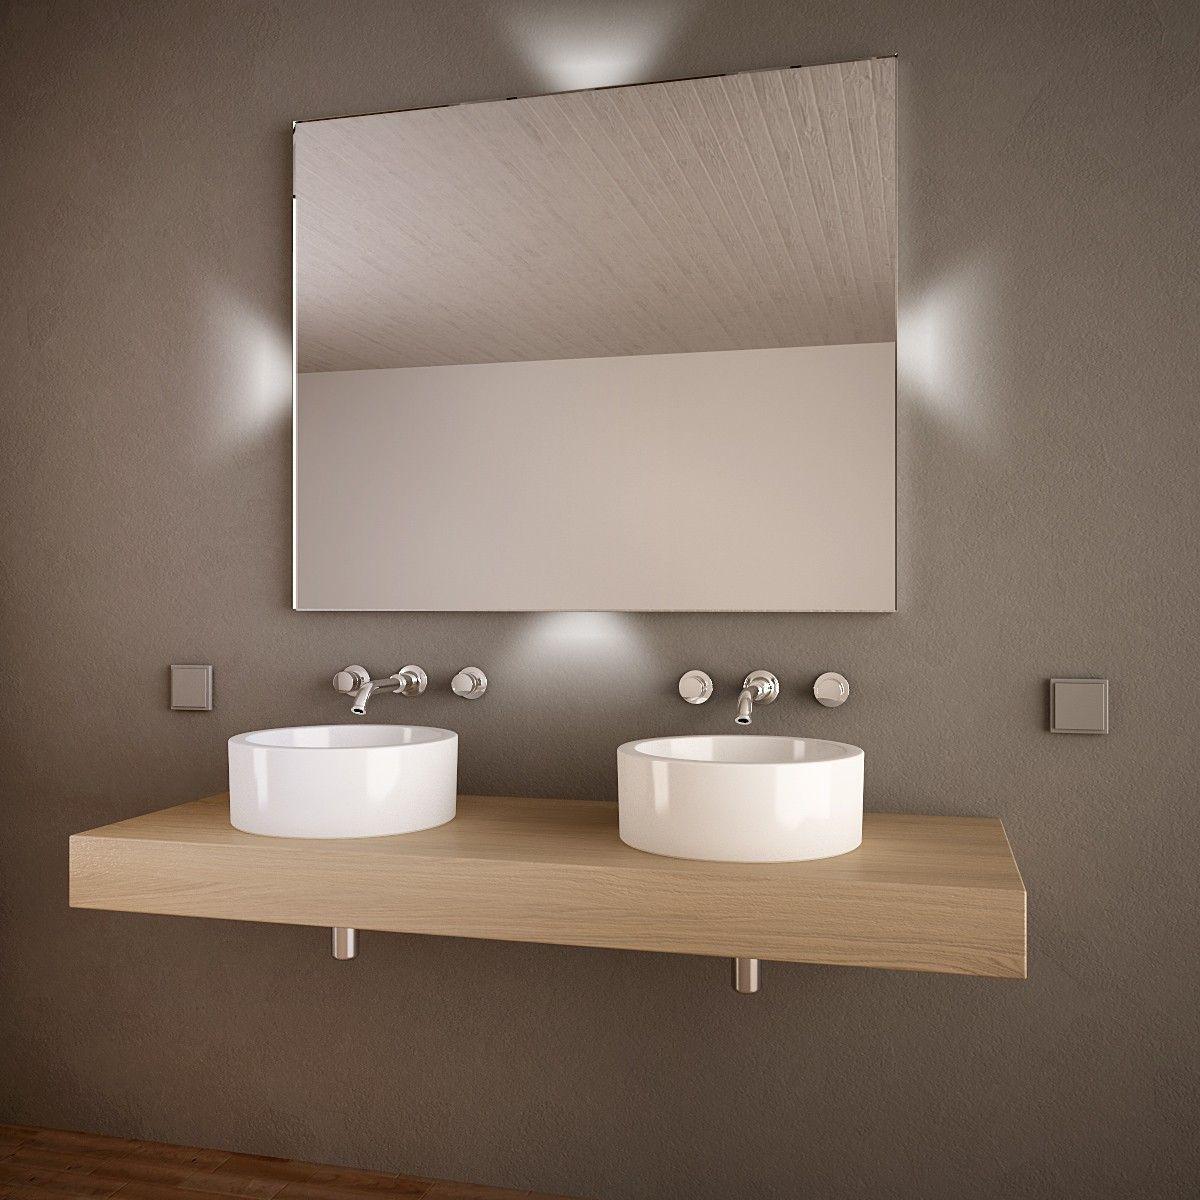 Badezimmerspiegel Led Lucerna Mit Bildern Badezimmerspiegel